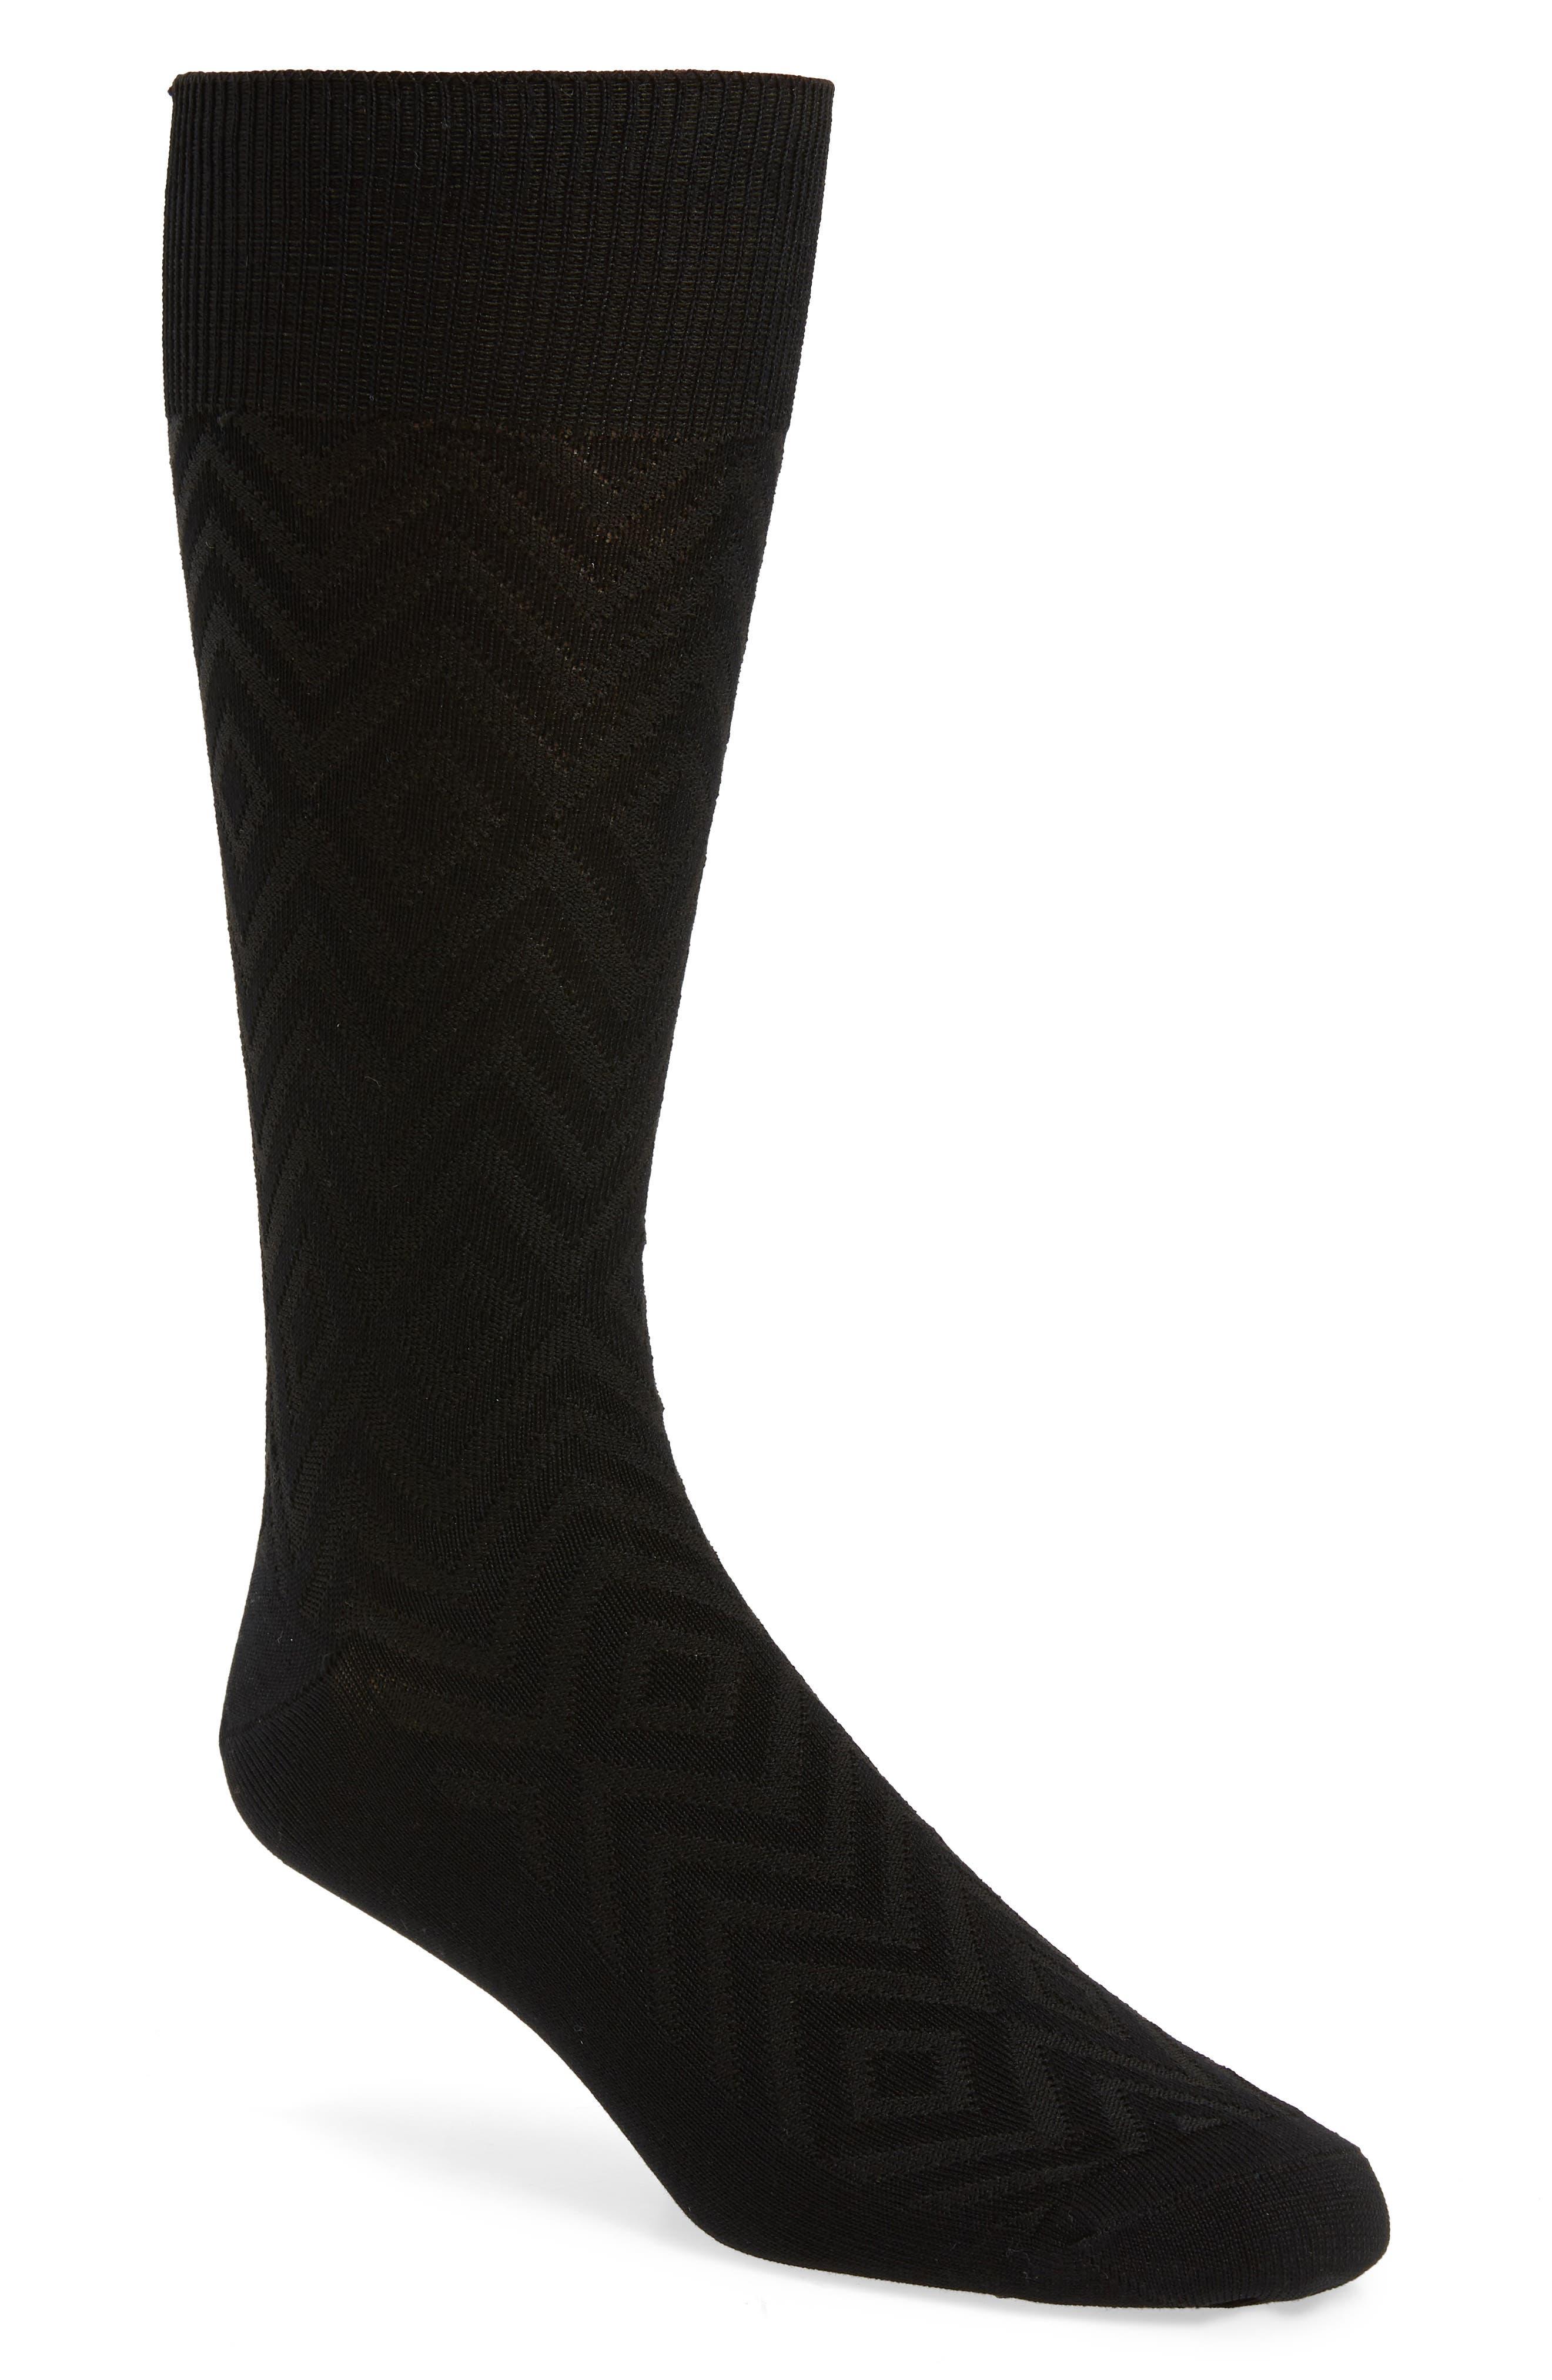 Chevron Socks,                             Main thumbnail 1, color,                             BLACK